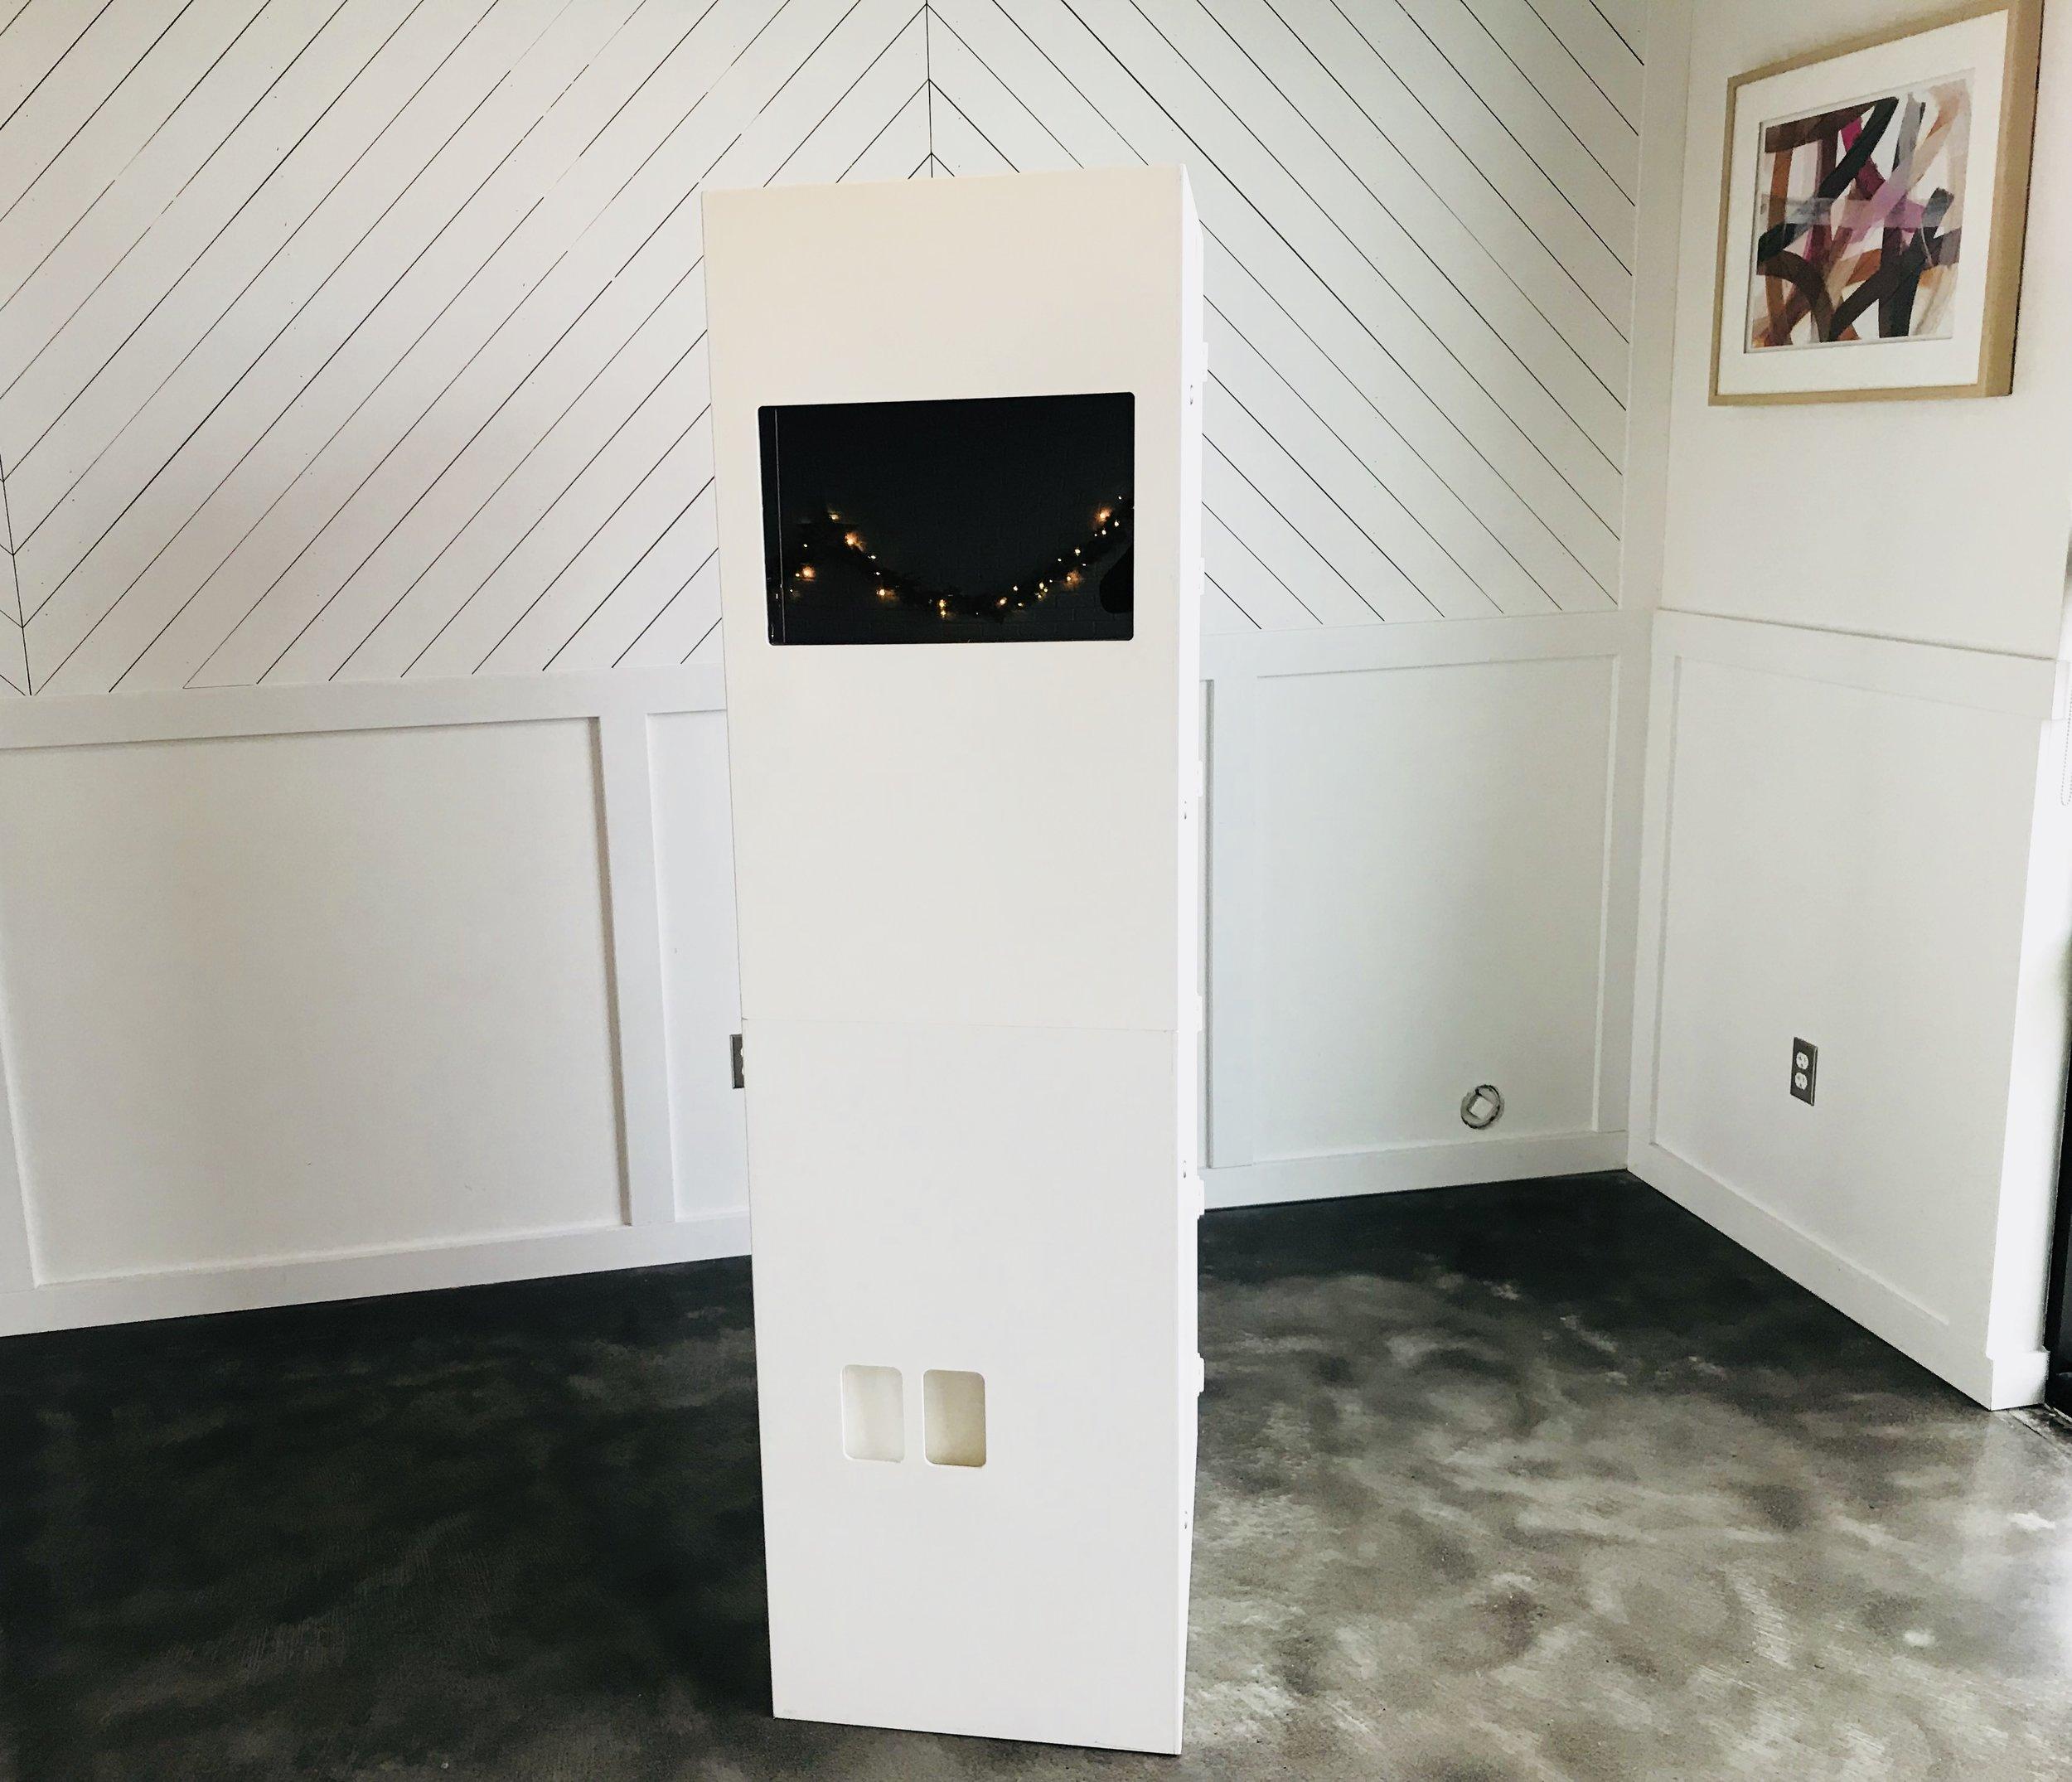 Modern Booth - Simple, Sleek, Elegant